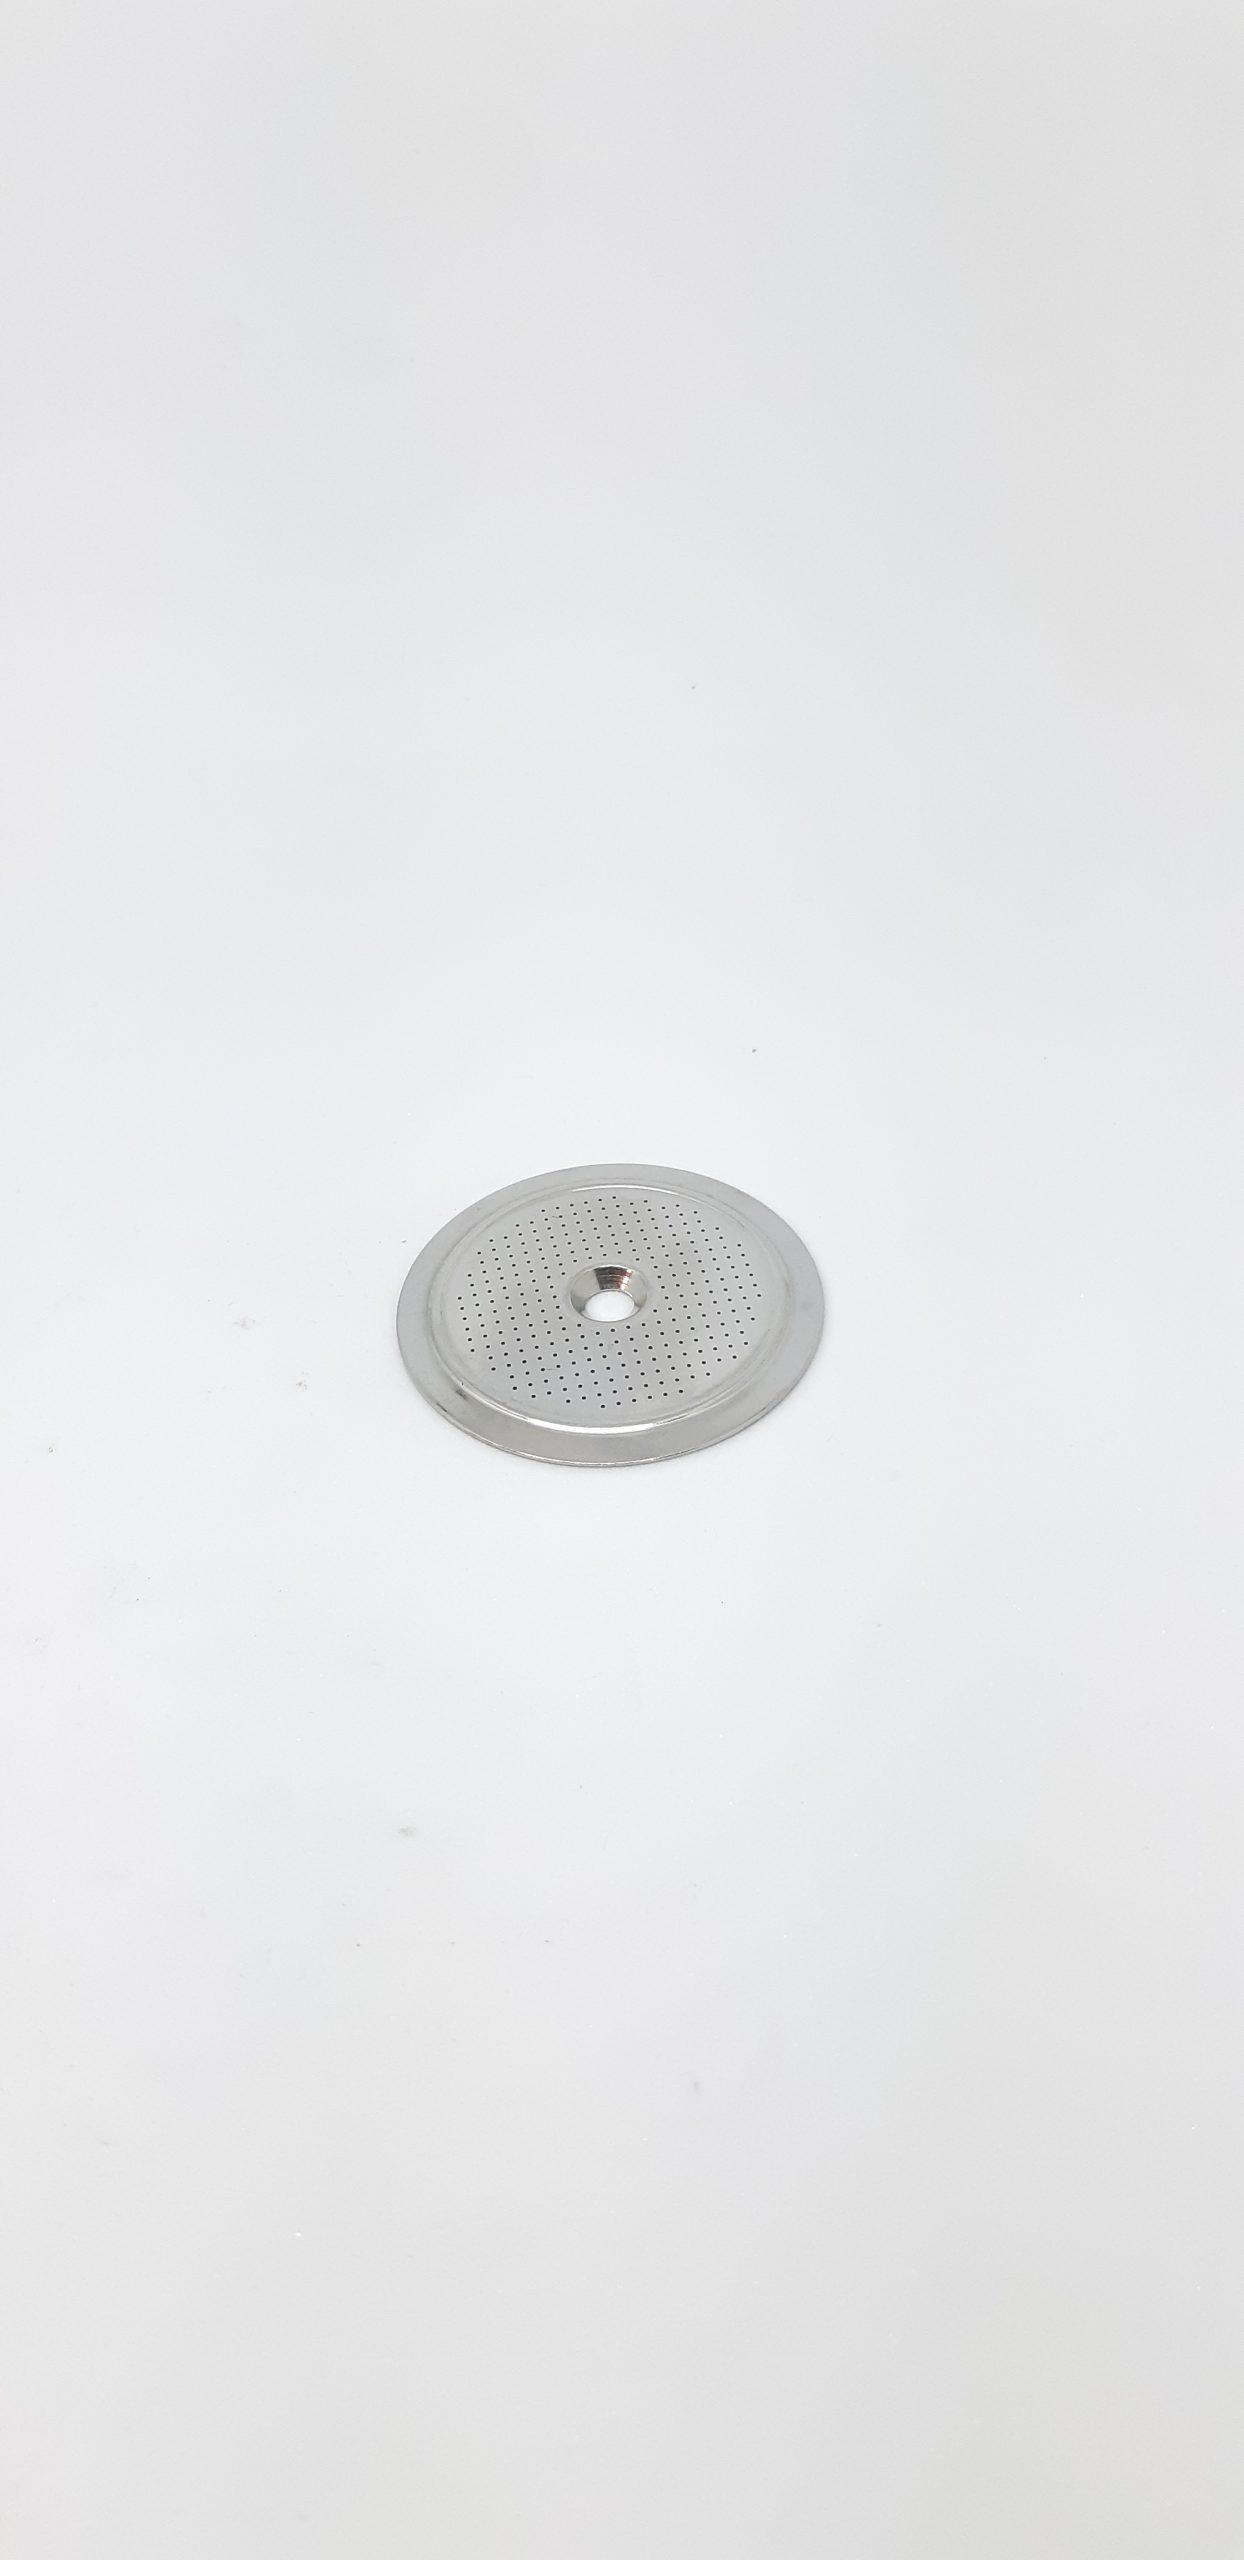 Горна цедка DeLonghi нов модел - 6032107100